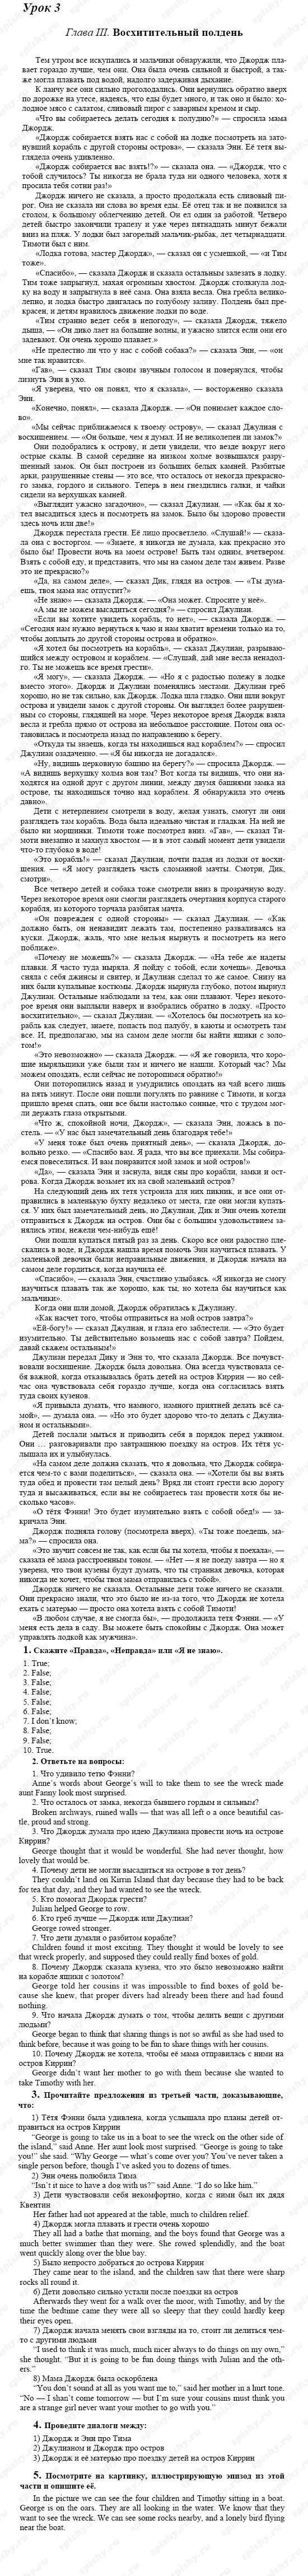 английский язык 6 класс афанасьева михеева ридер гдз перевод текстов